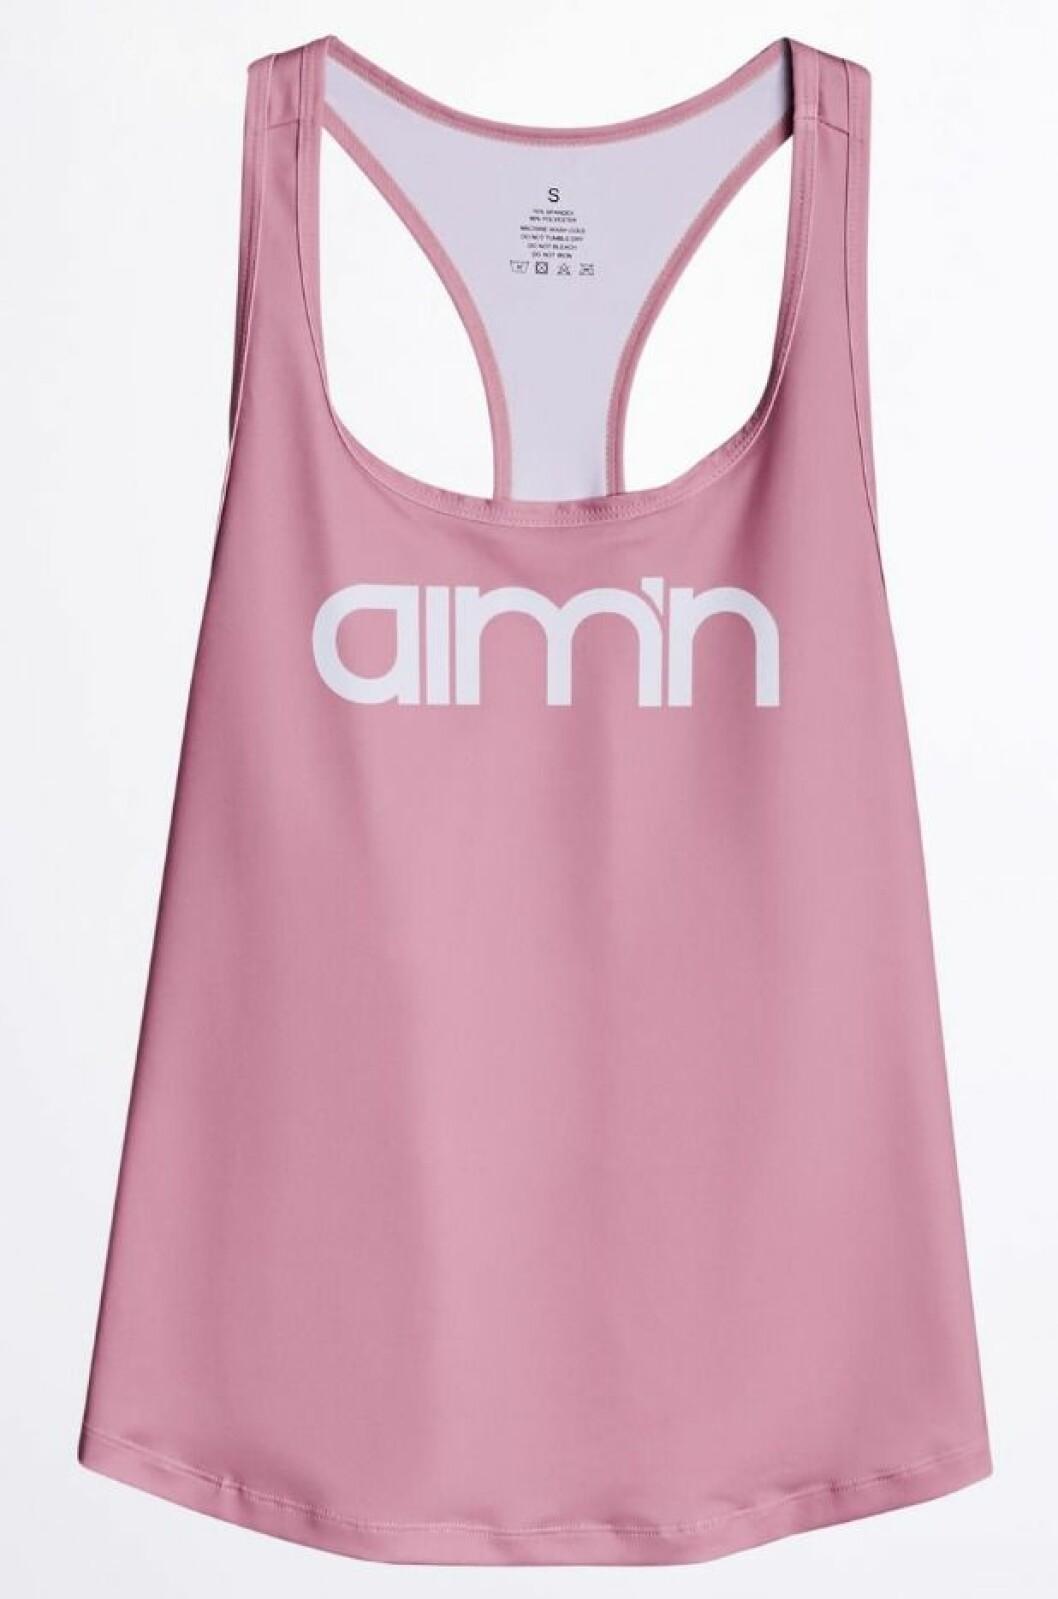 Rosa linne från Gina tricot och Aimn